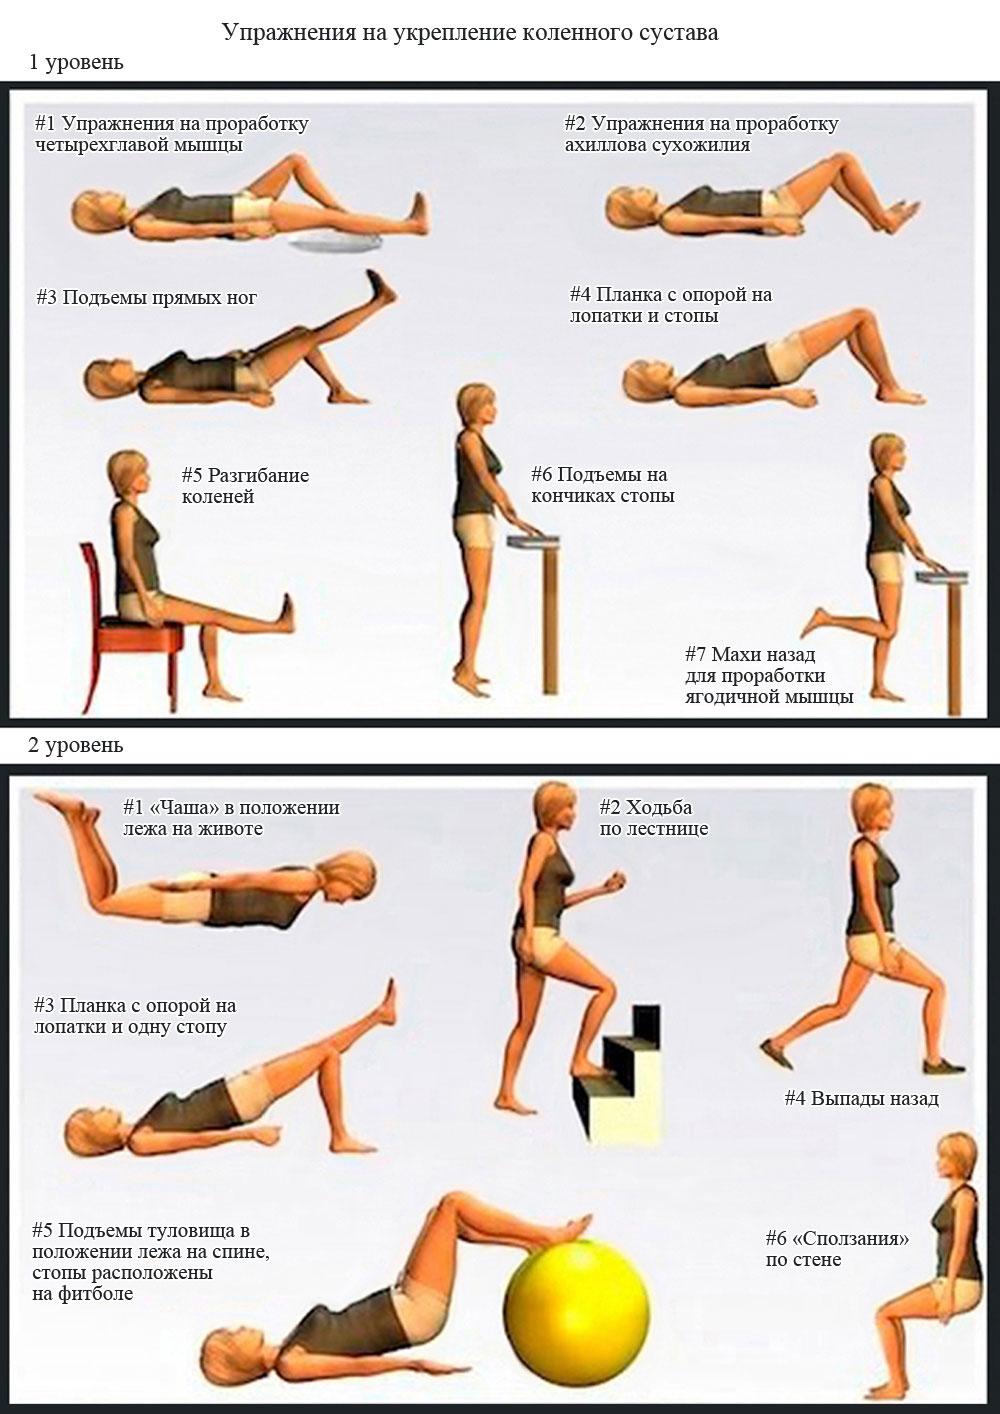 Упражнения для реабилитации коленного сустава лфк после эндопротезирования коленного сустава